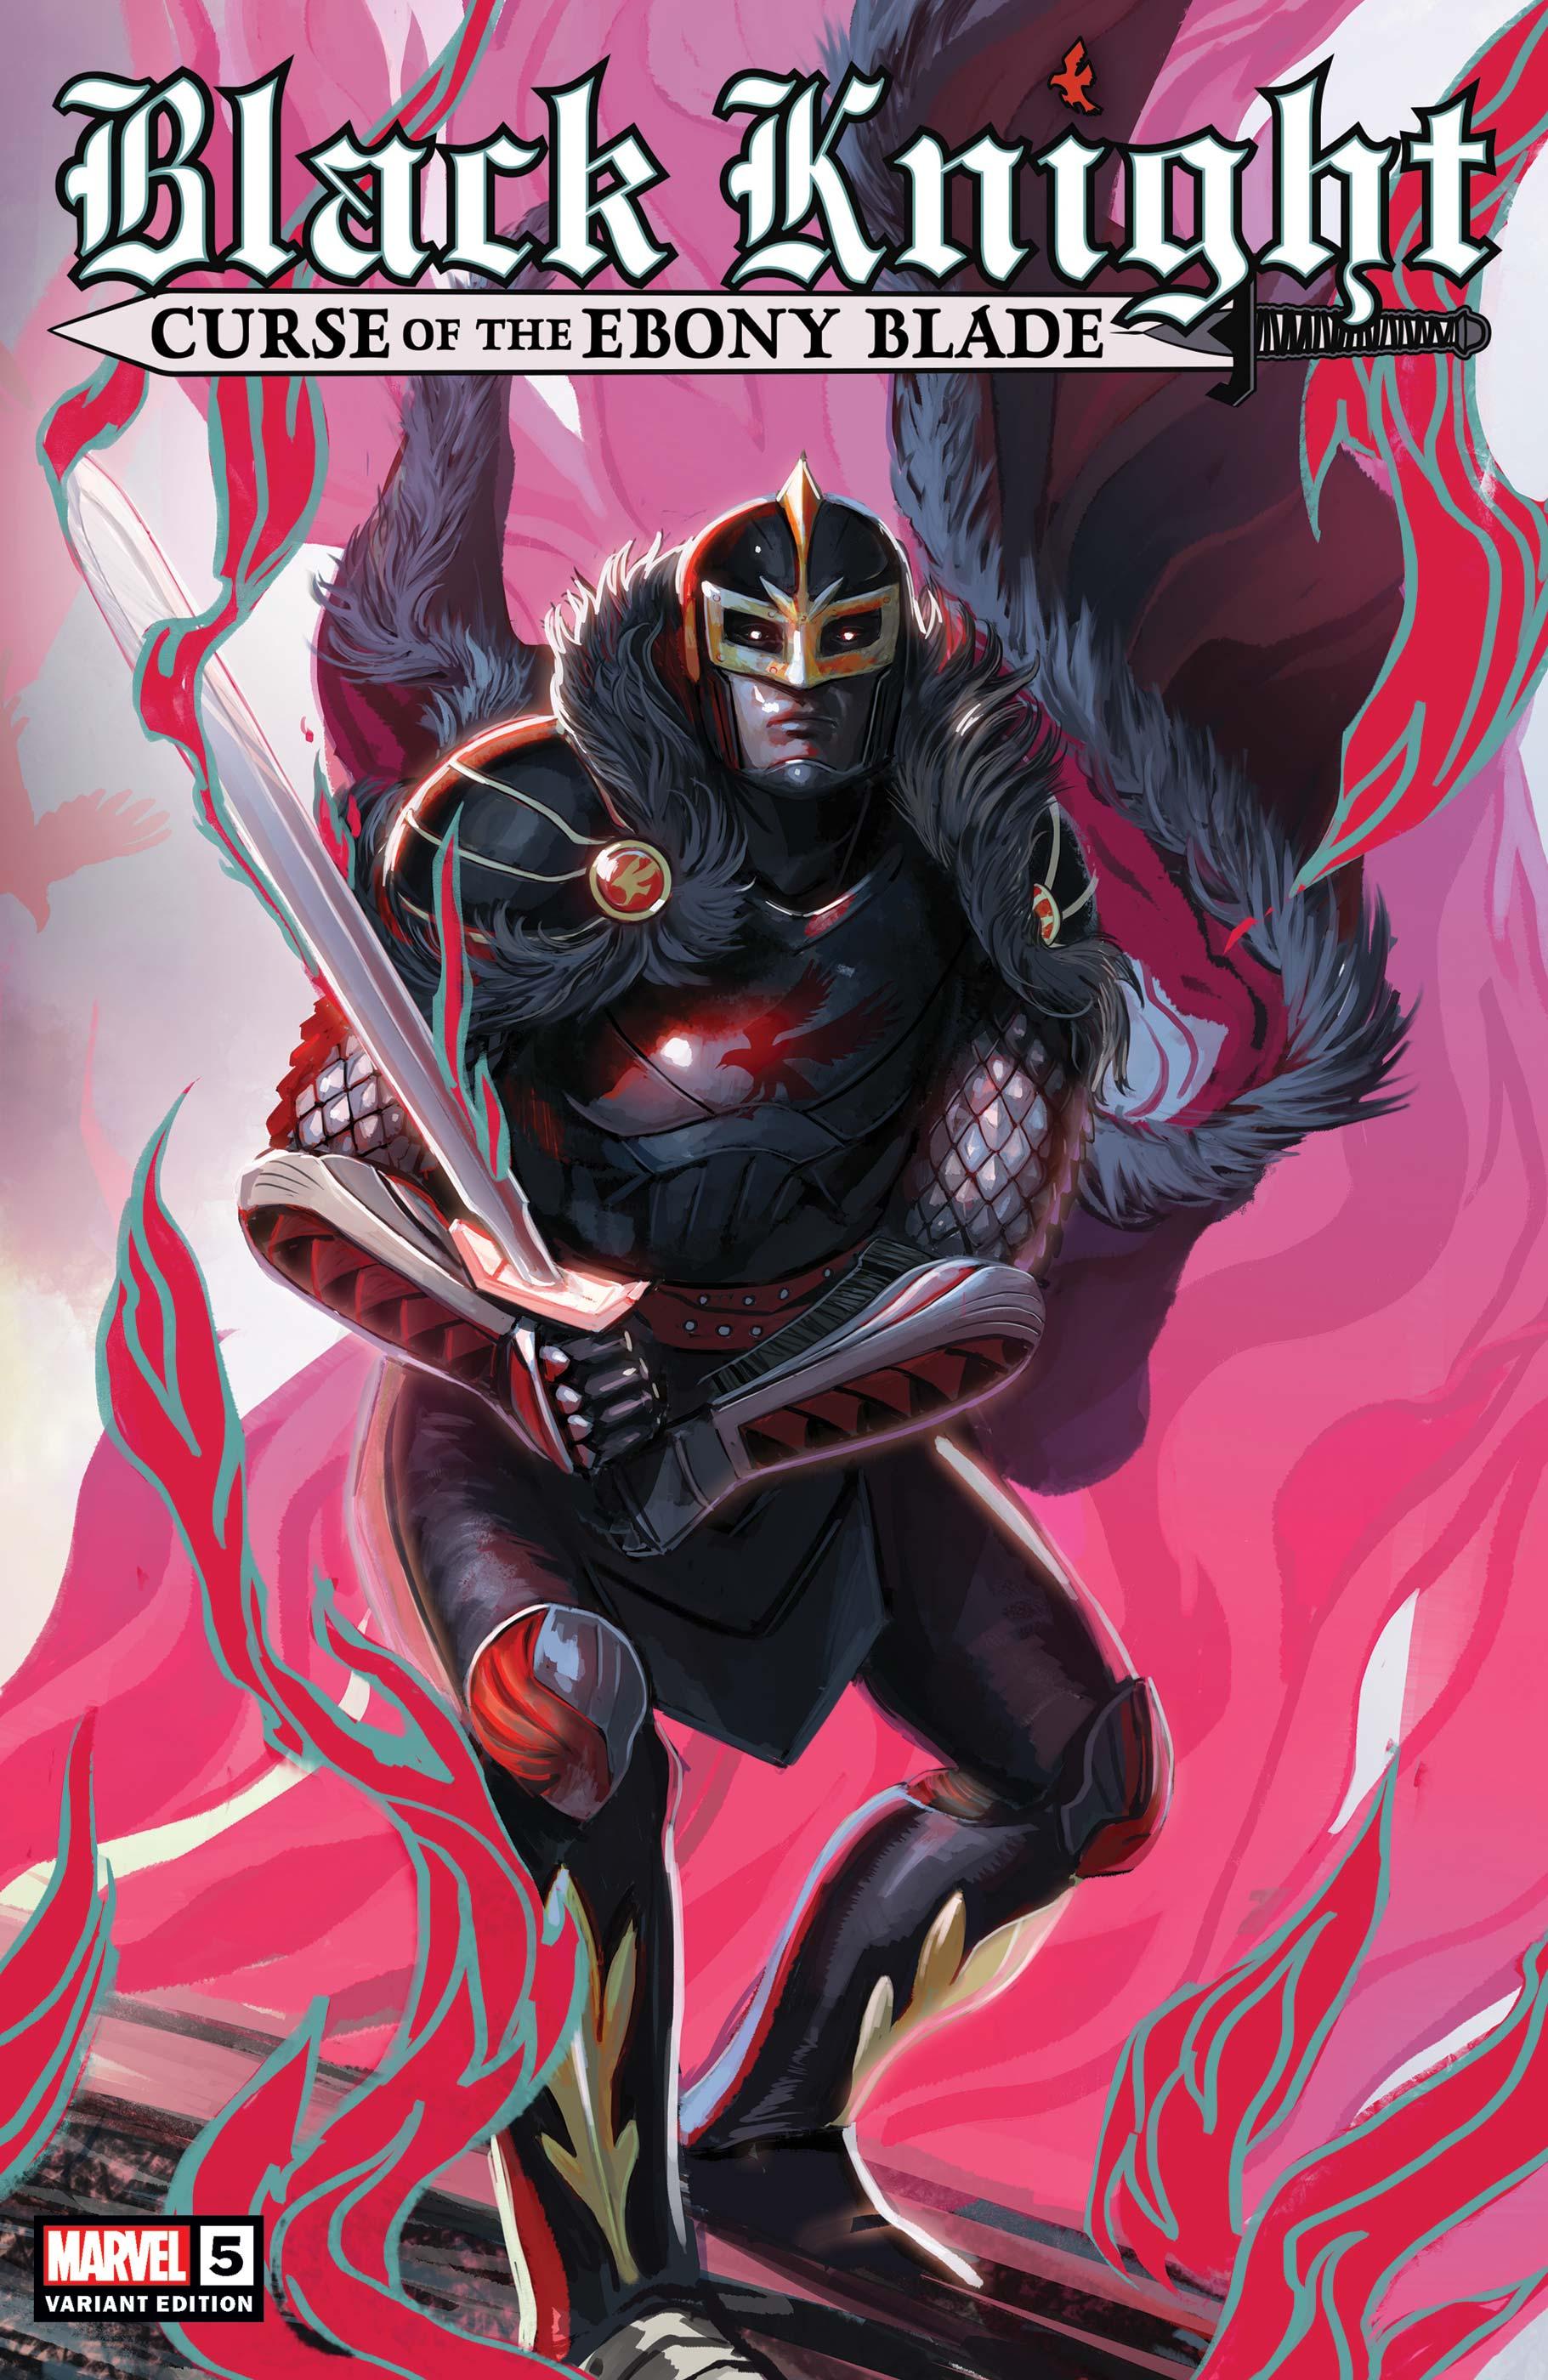 Black Knight: Curse of the Ebony Blade (2021) #5 (Variant)